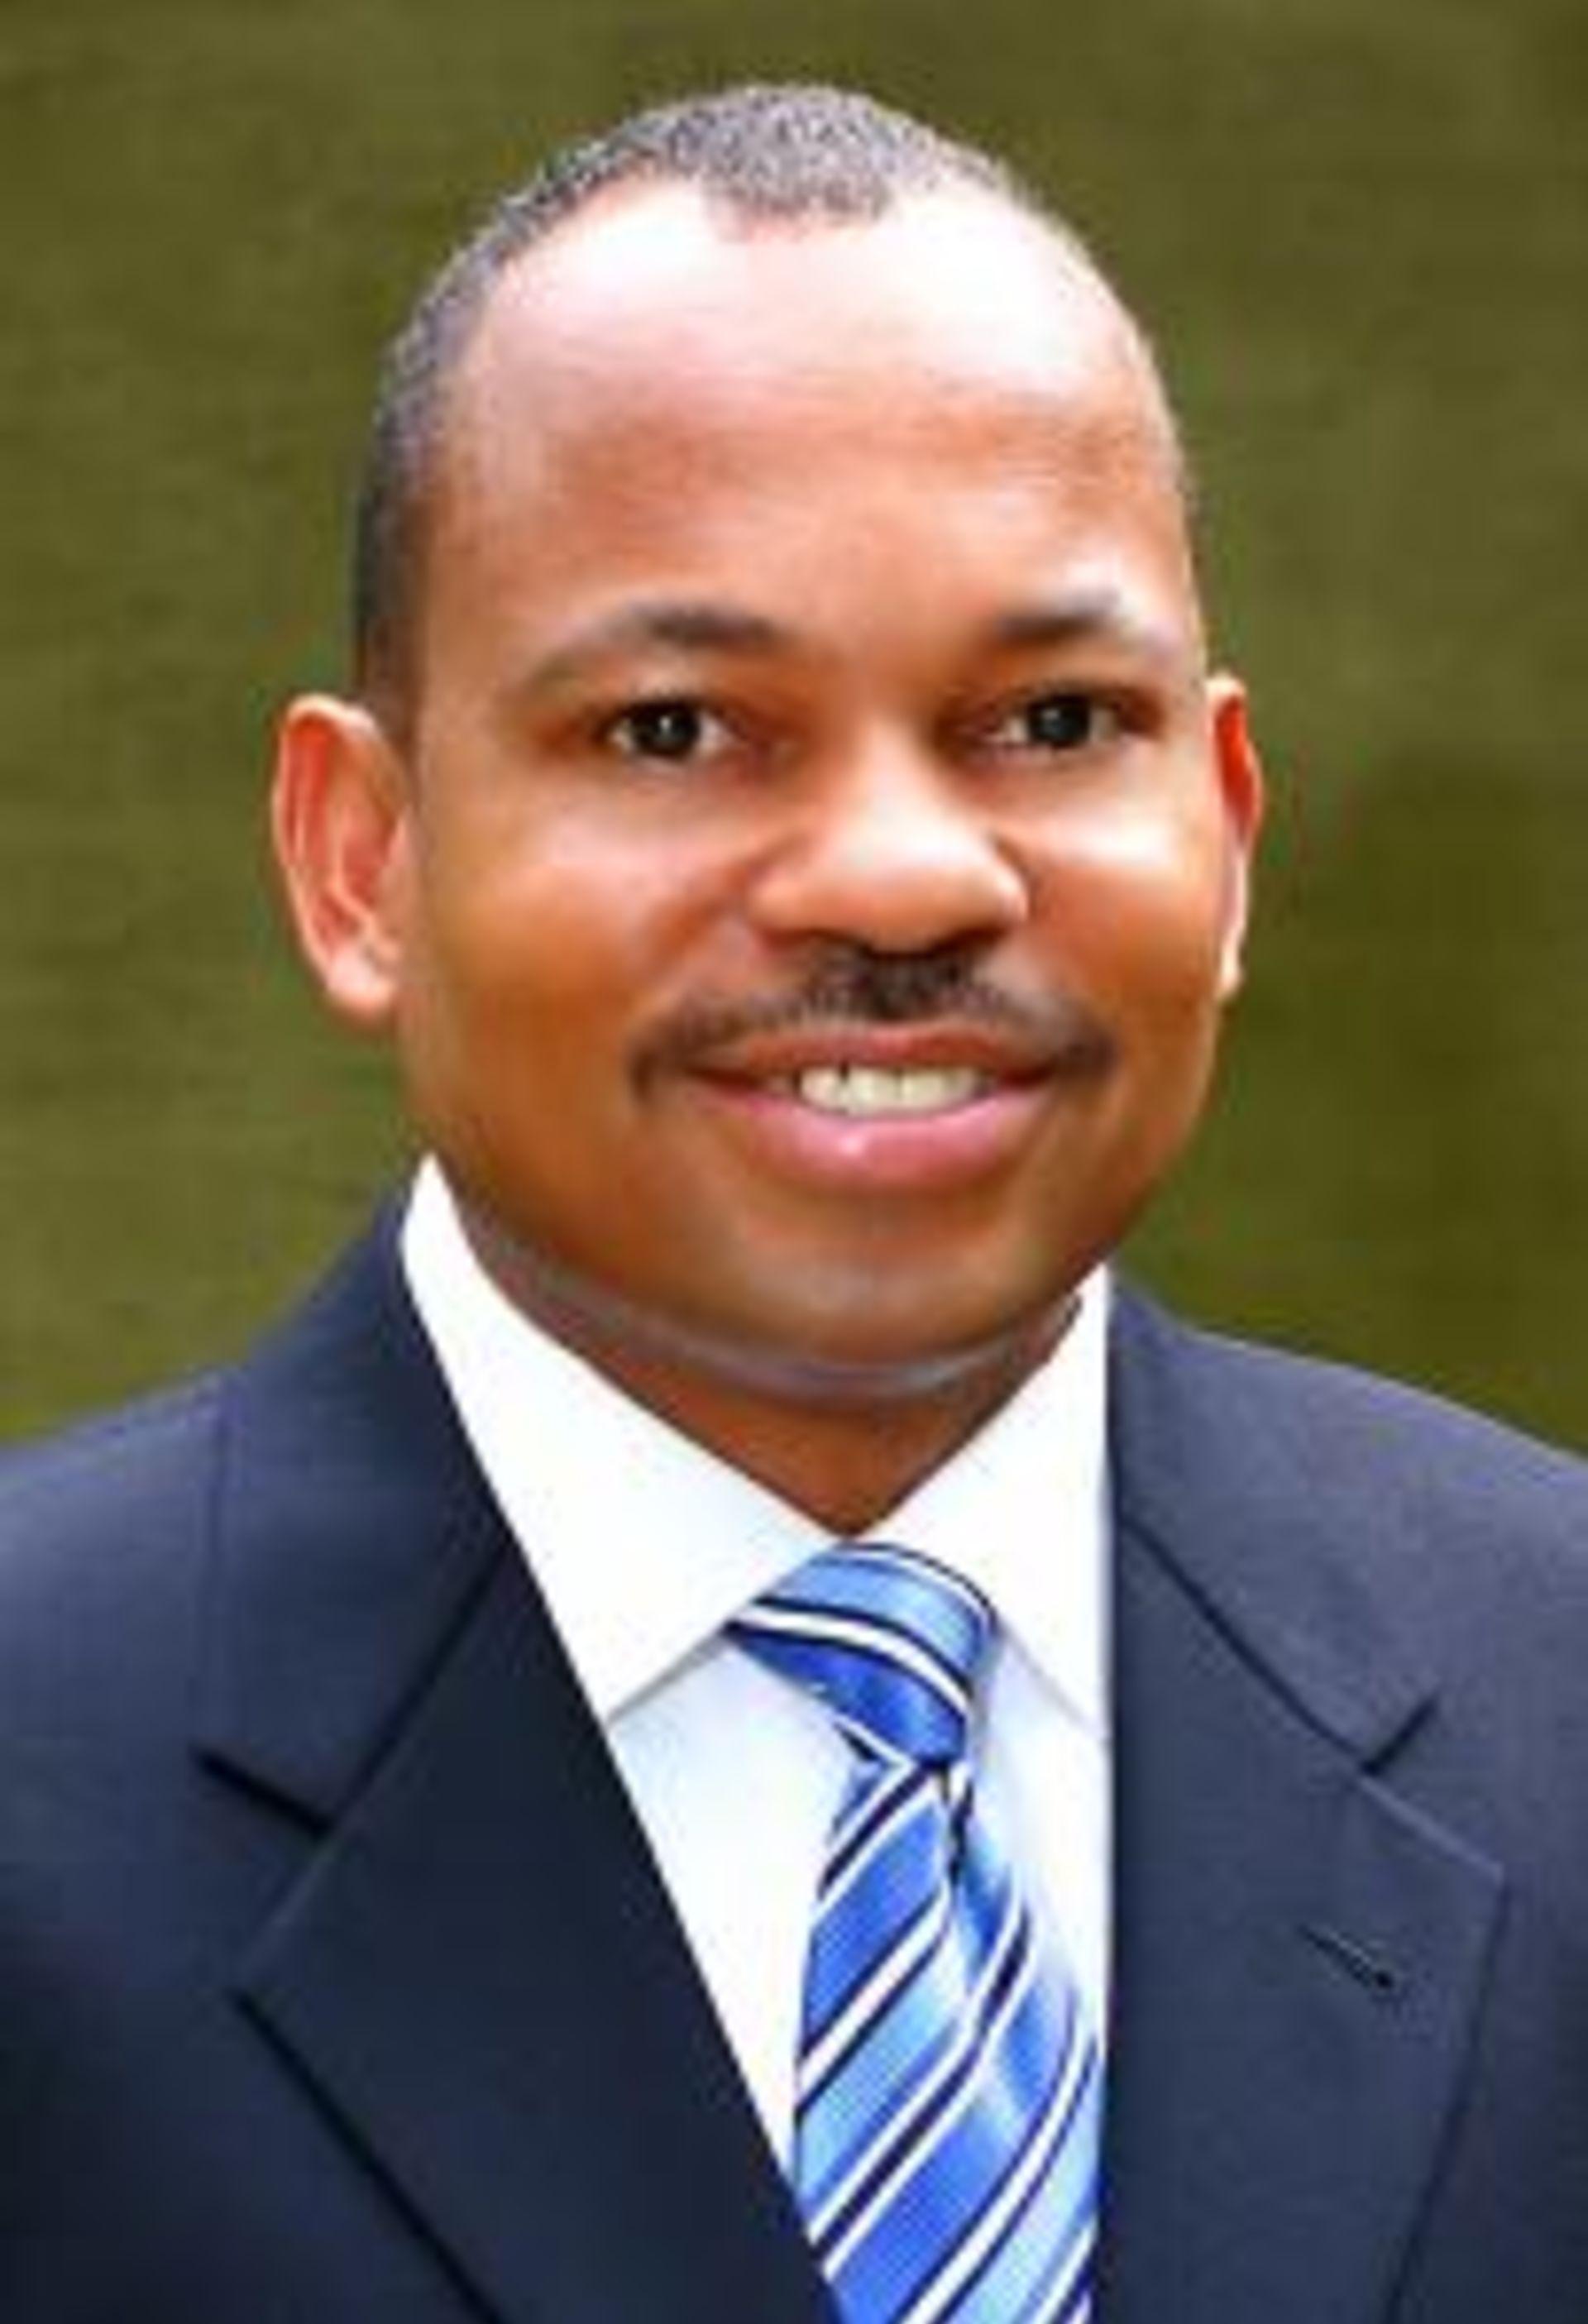 Dennis Barnes